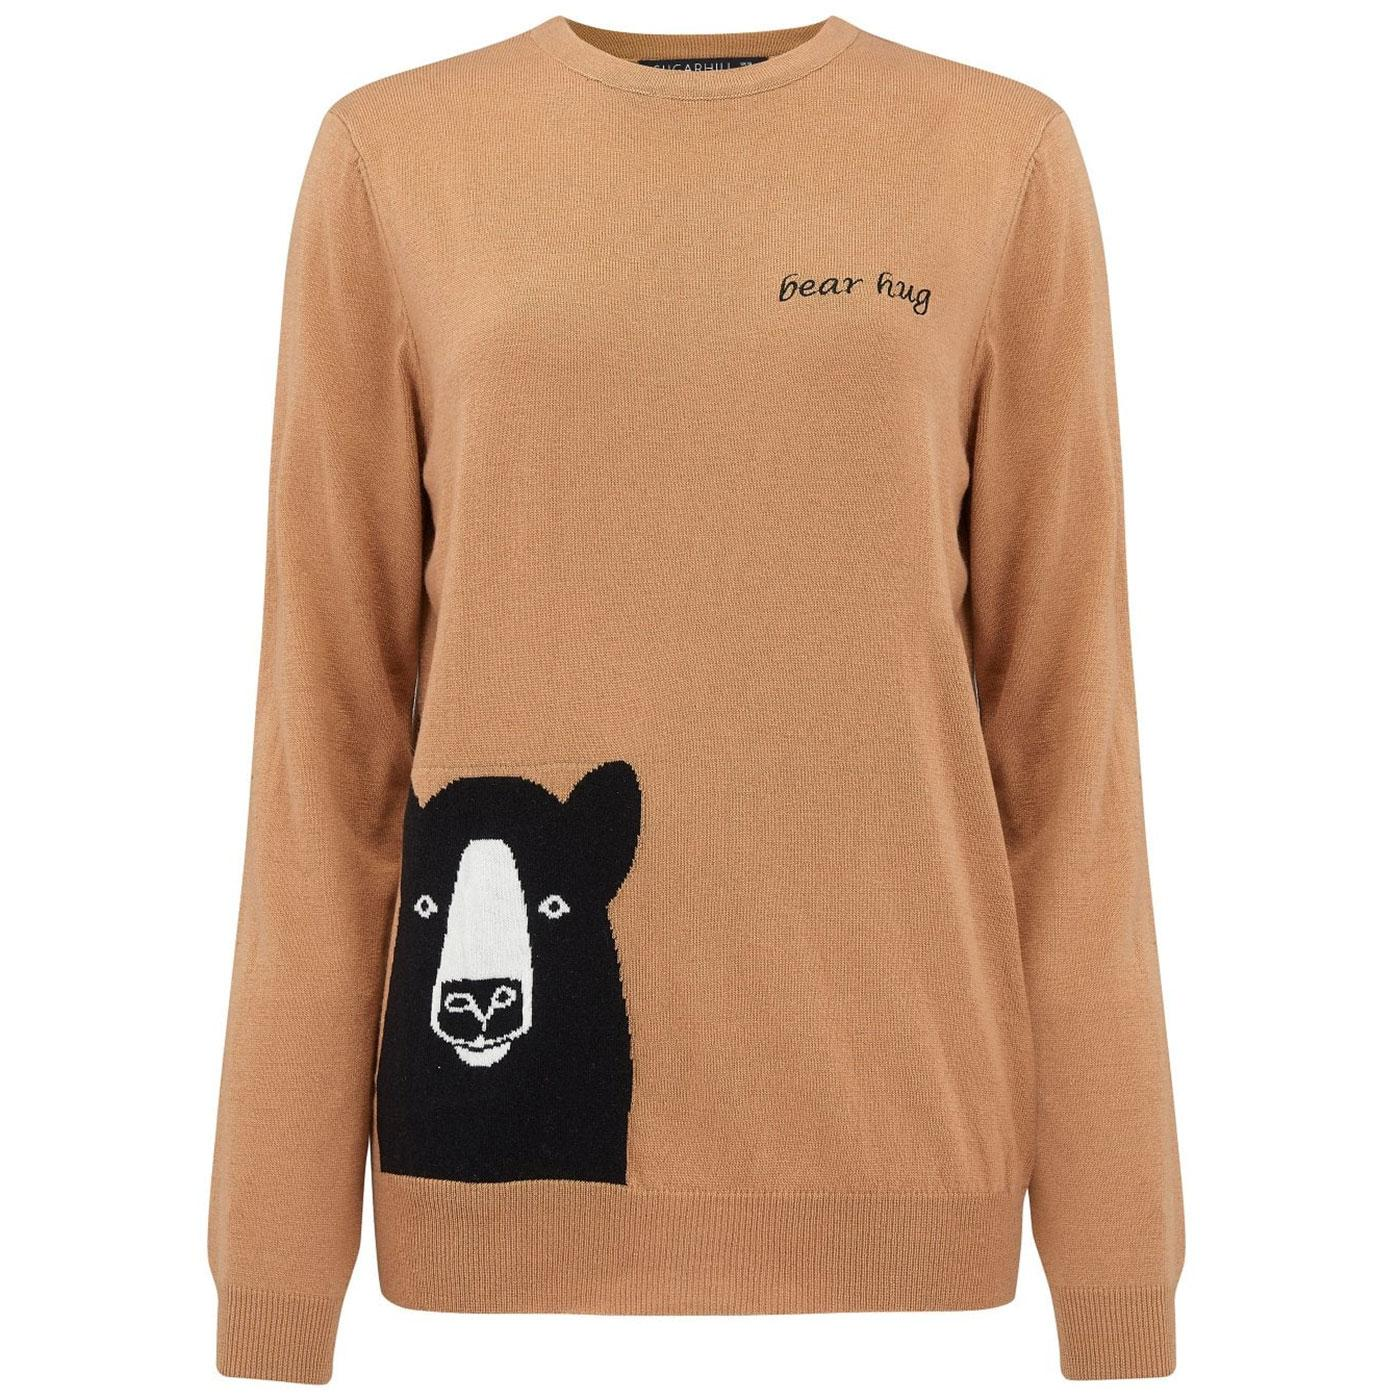 Jessica Bear Hug SUGARHILL BOUTIQUE Sweater Tan